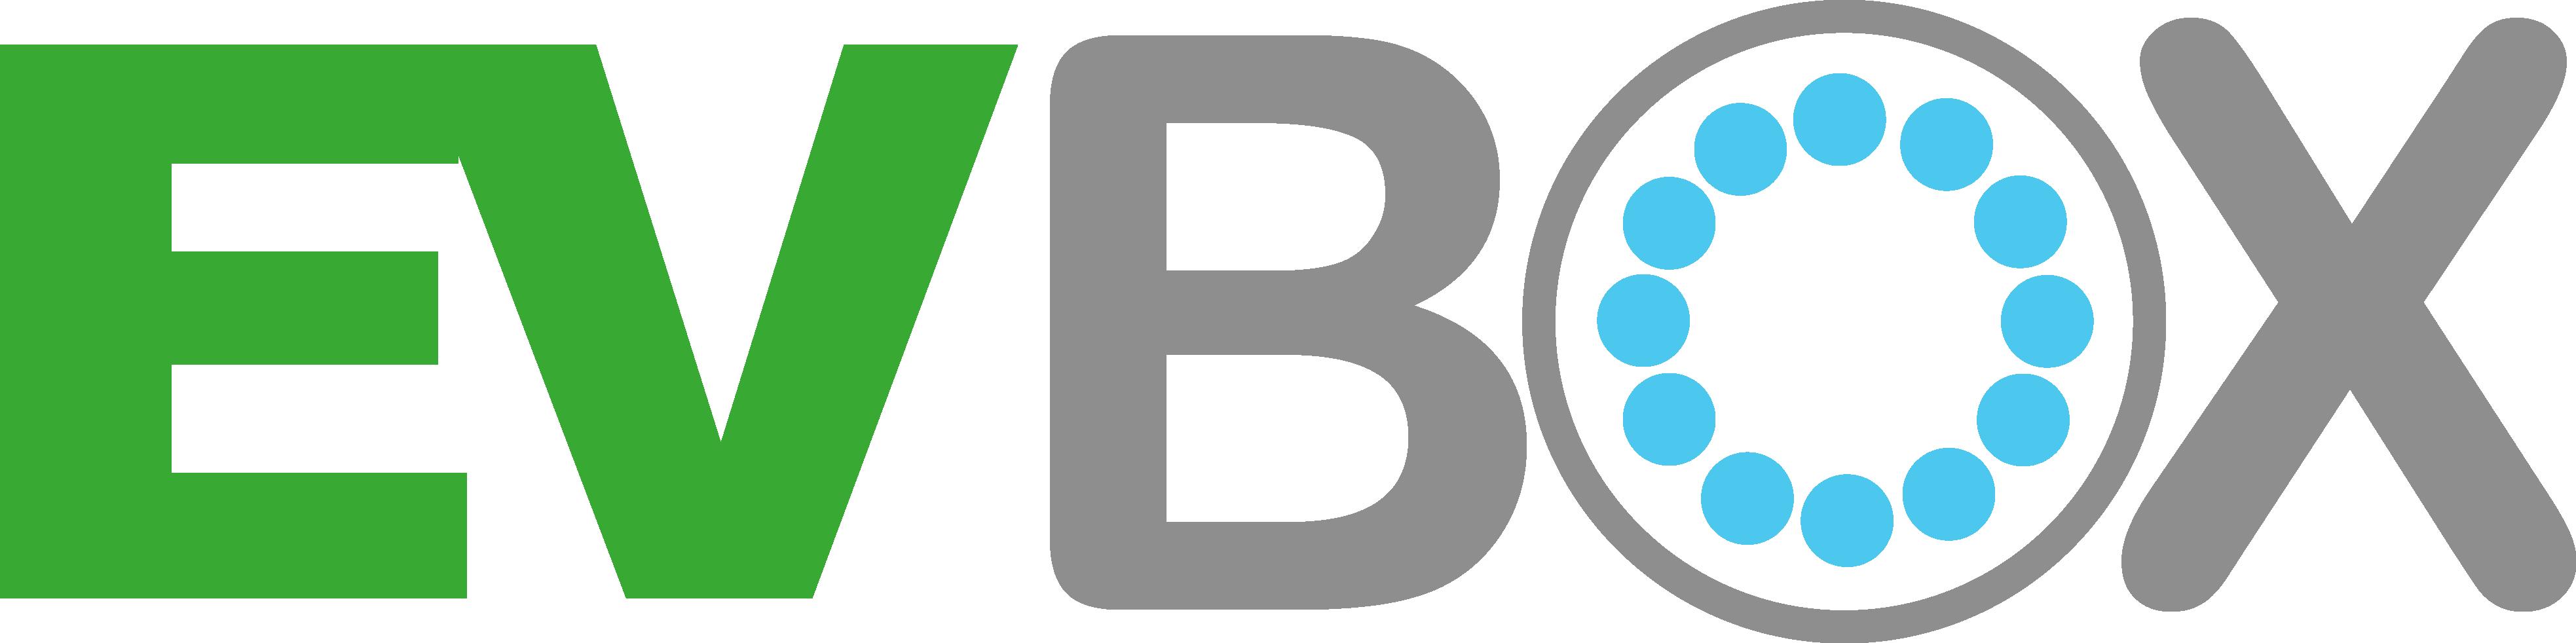 evbox ladestasjoner logo-ladefabrikken